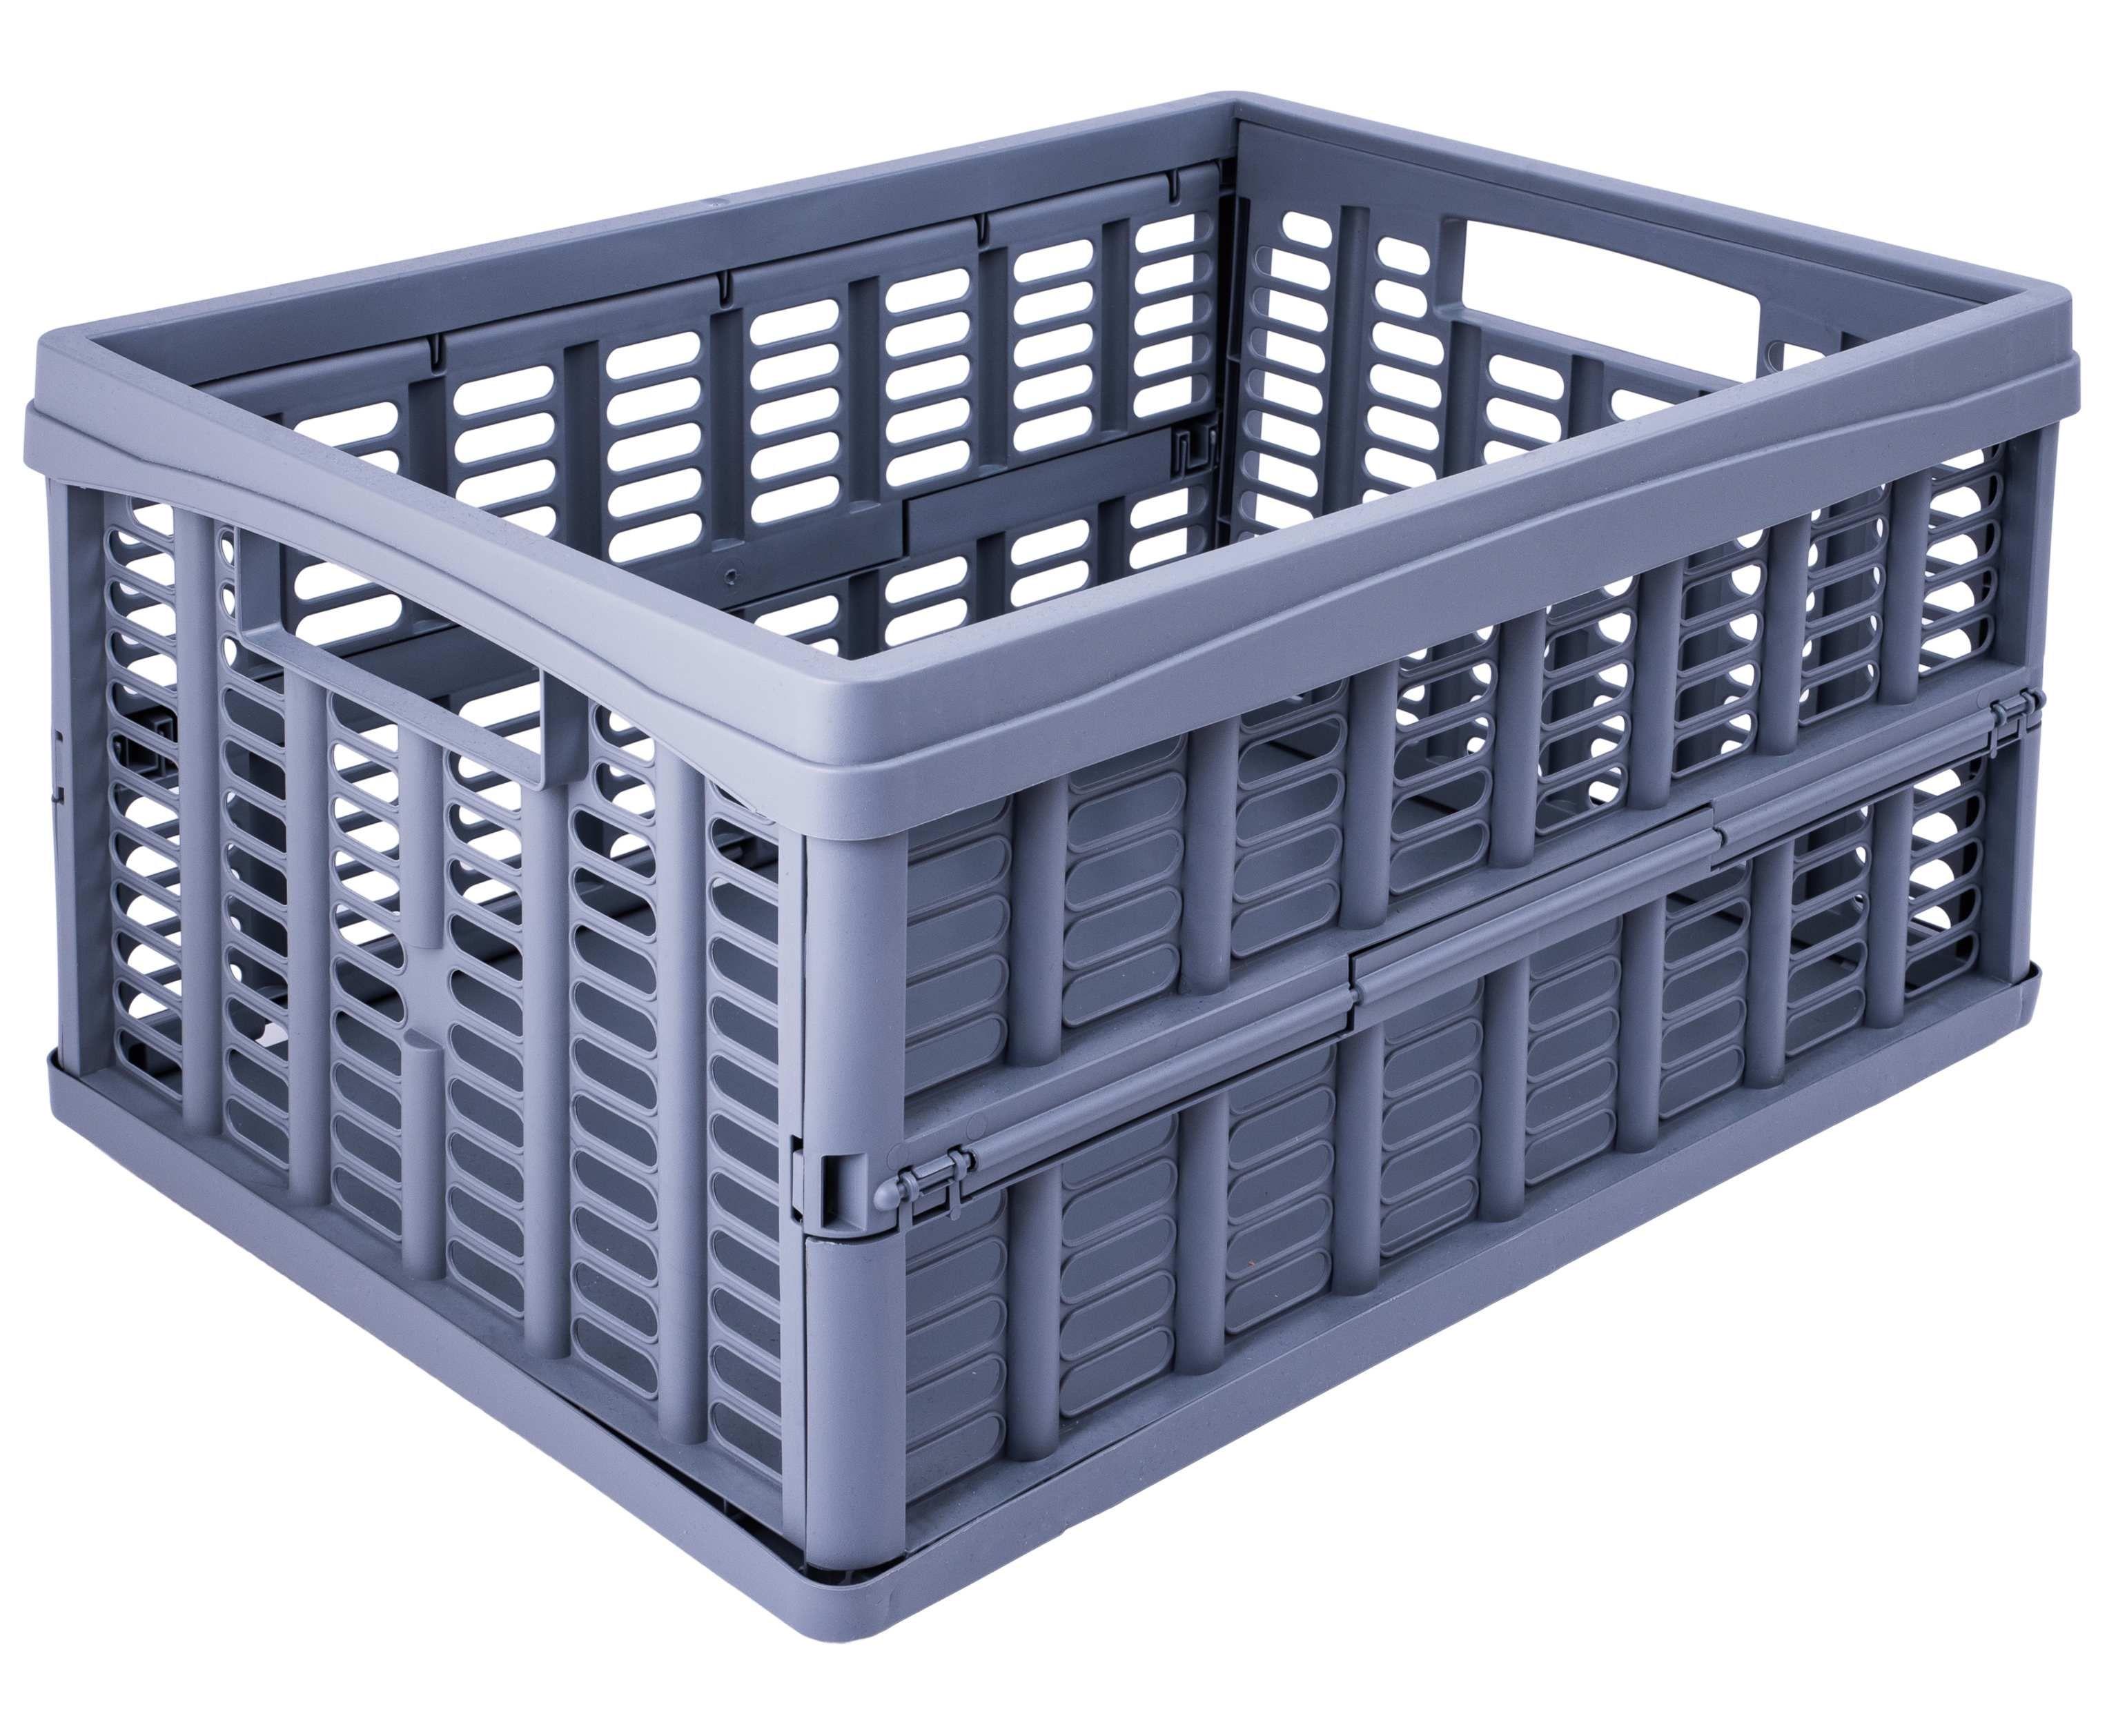 Image of Folde-kasse fra Plastteam - Stor - Grå (12450803)